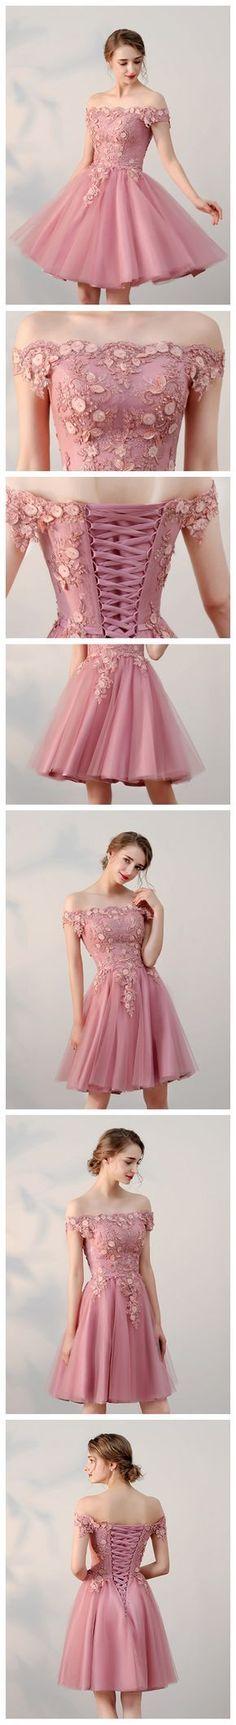 14 Mejores Imágenes De Vestidos Ball Gown Cute Dresses Y